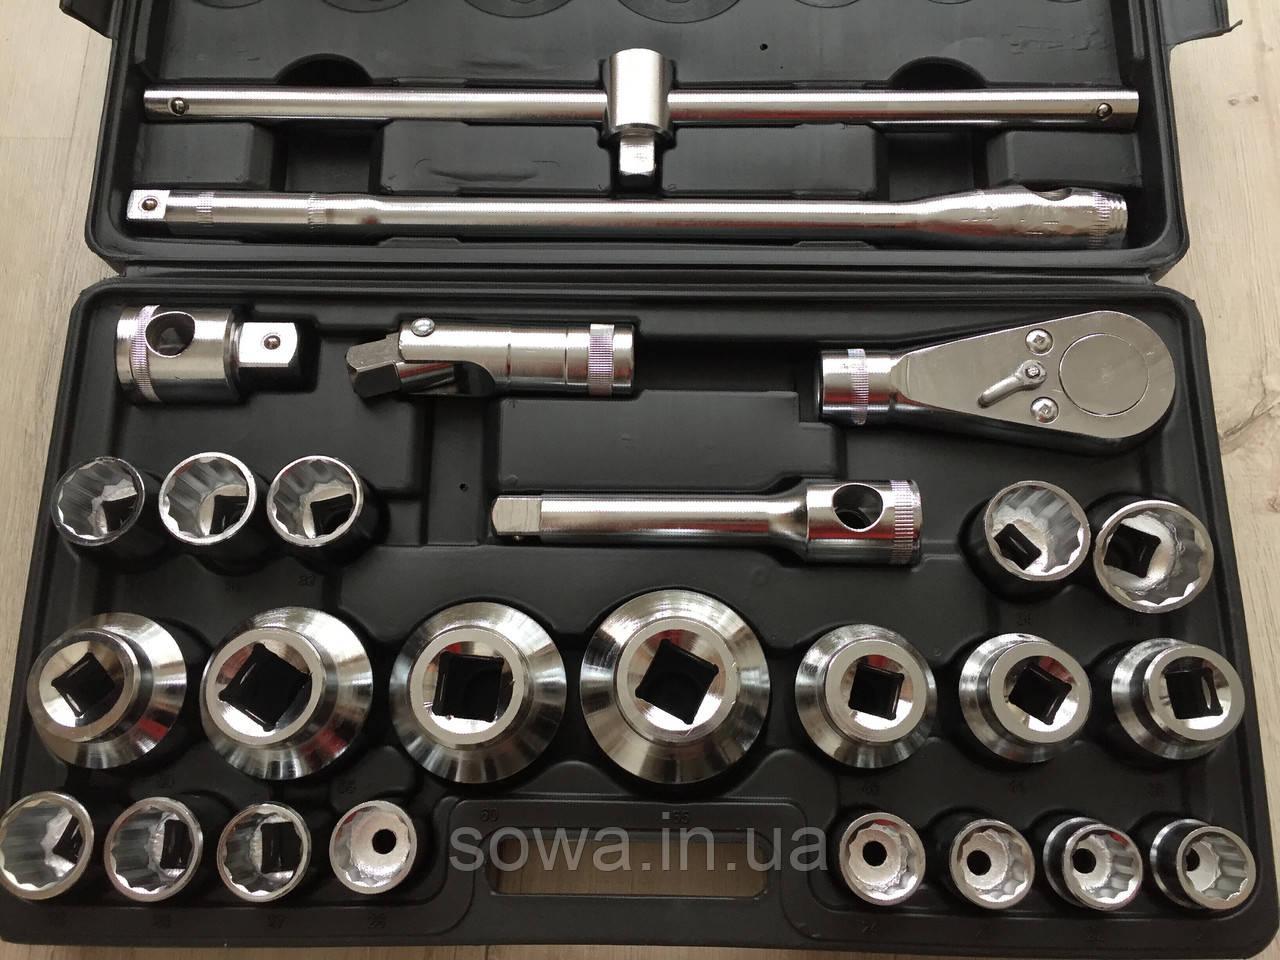 ✔️ Профессиональный набор больших головок с трещоткой LEX 1306 - 26 шт